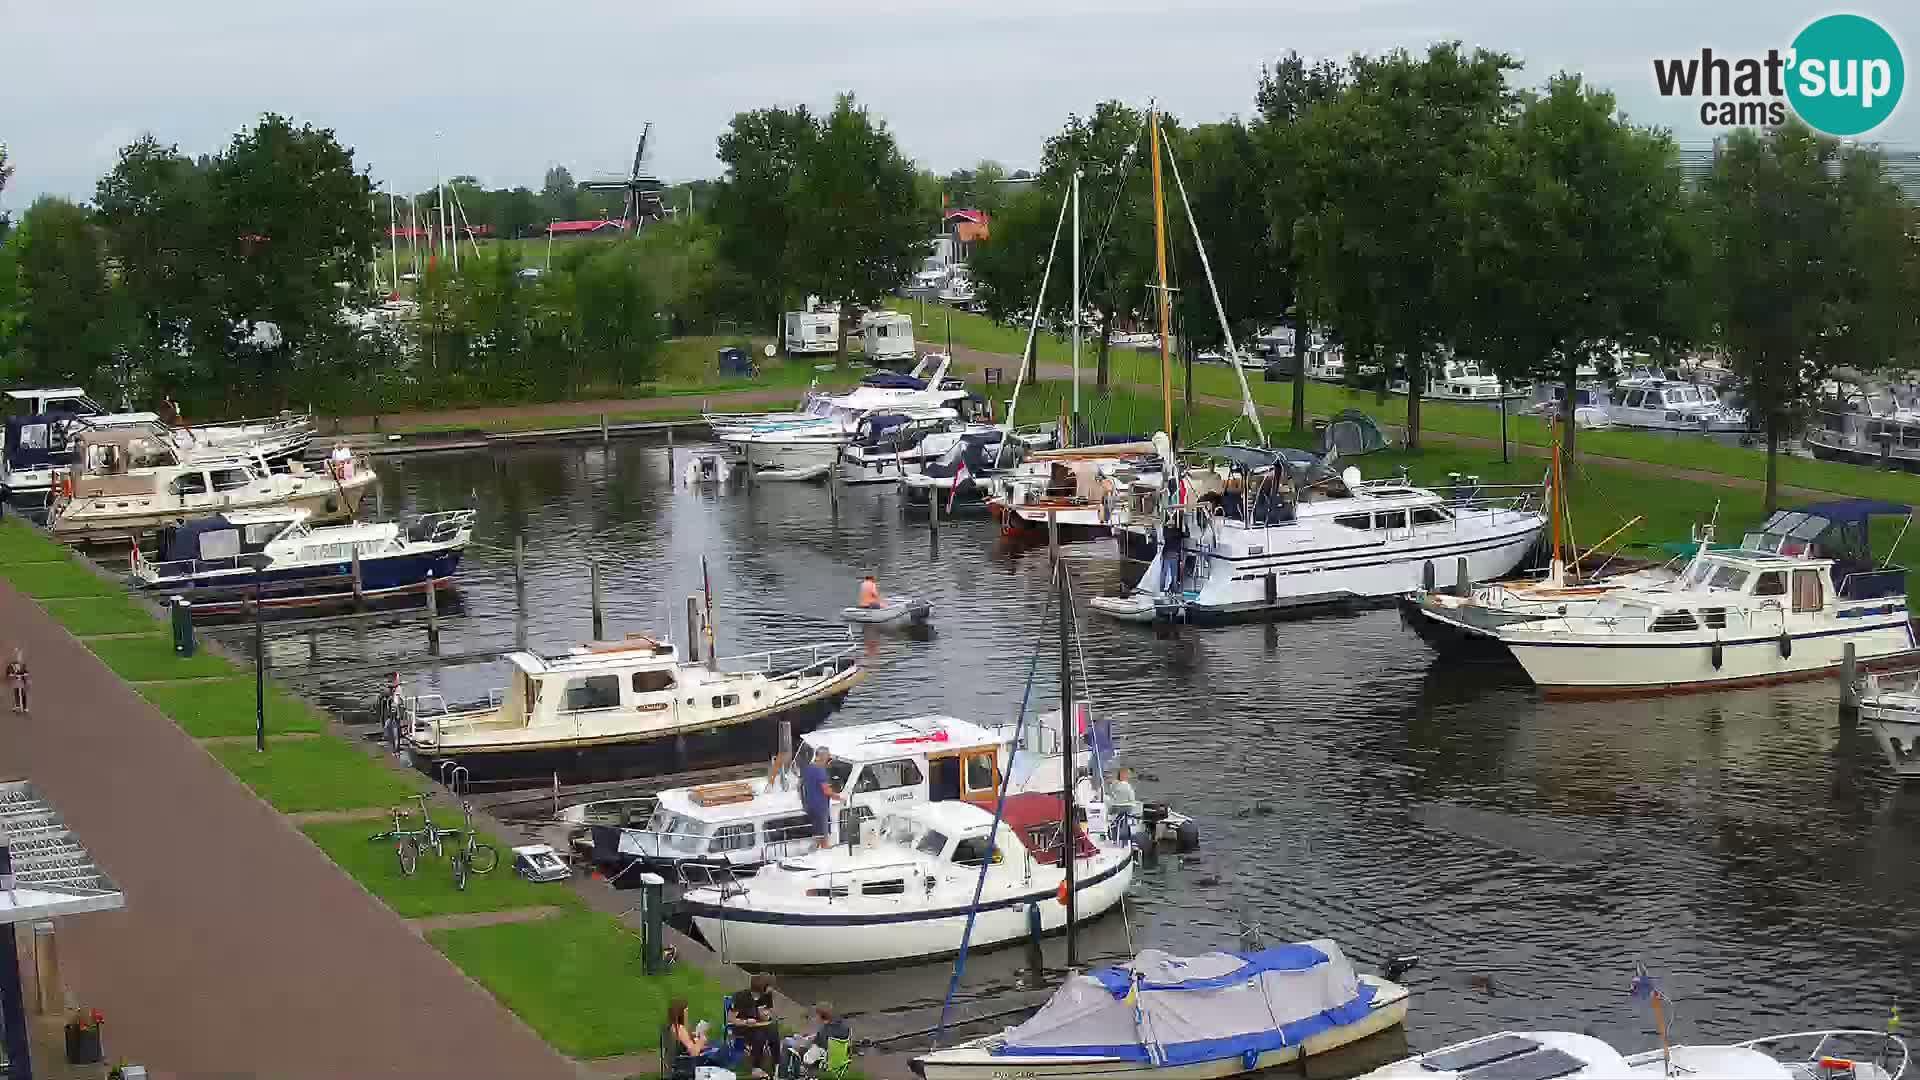 LIVE Joure Hafen webcam Windmühle